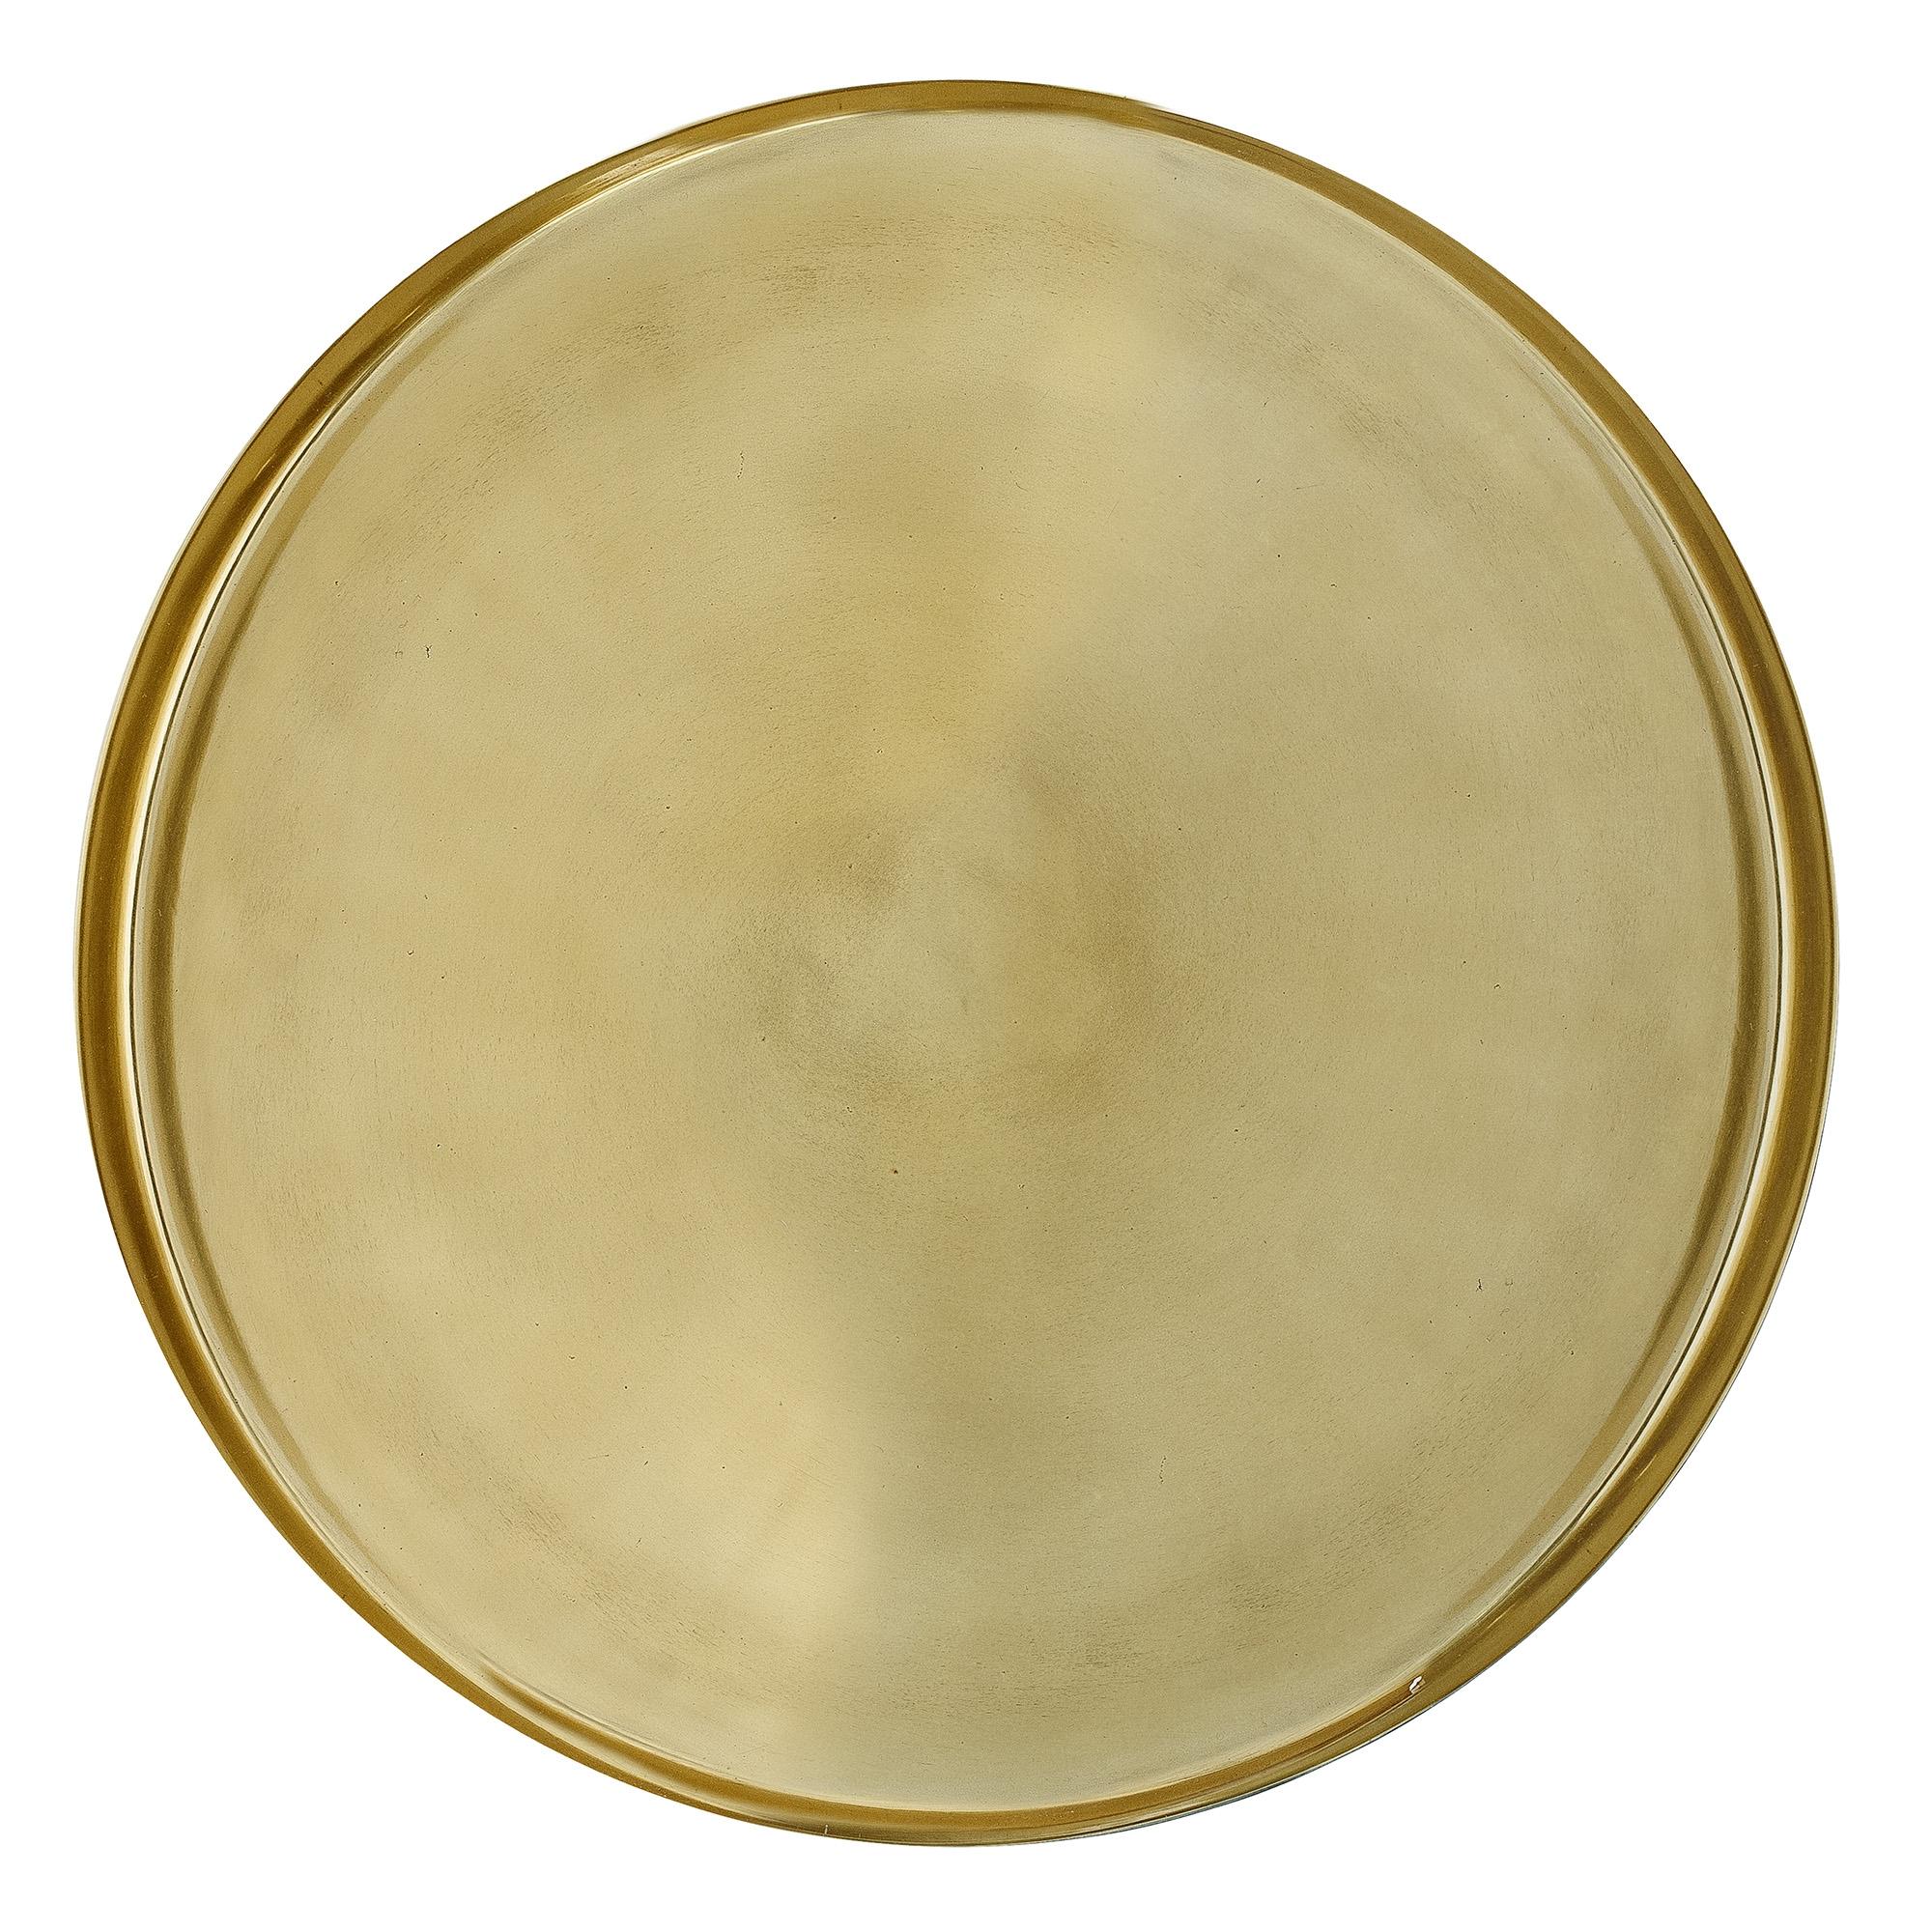 Tava Tray Aluminum Gold O50xh2.5 cm